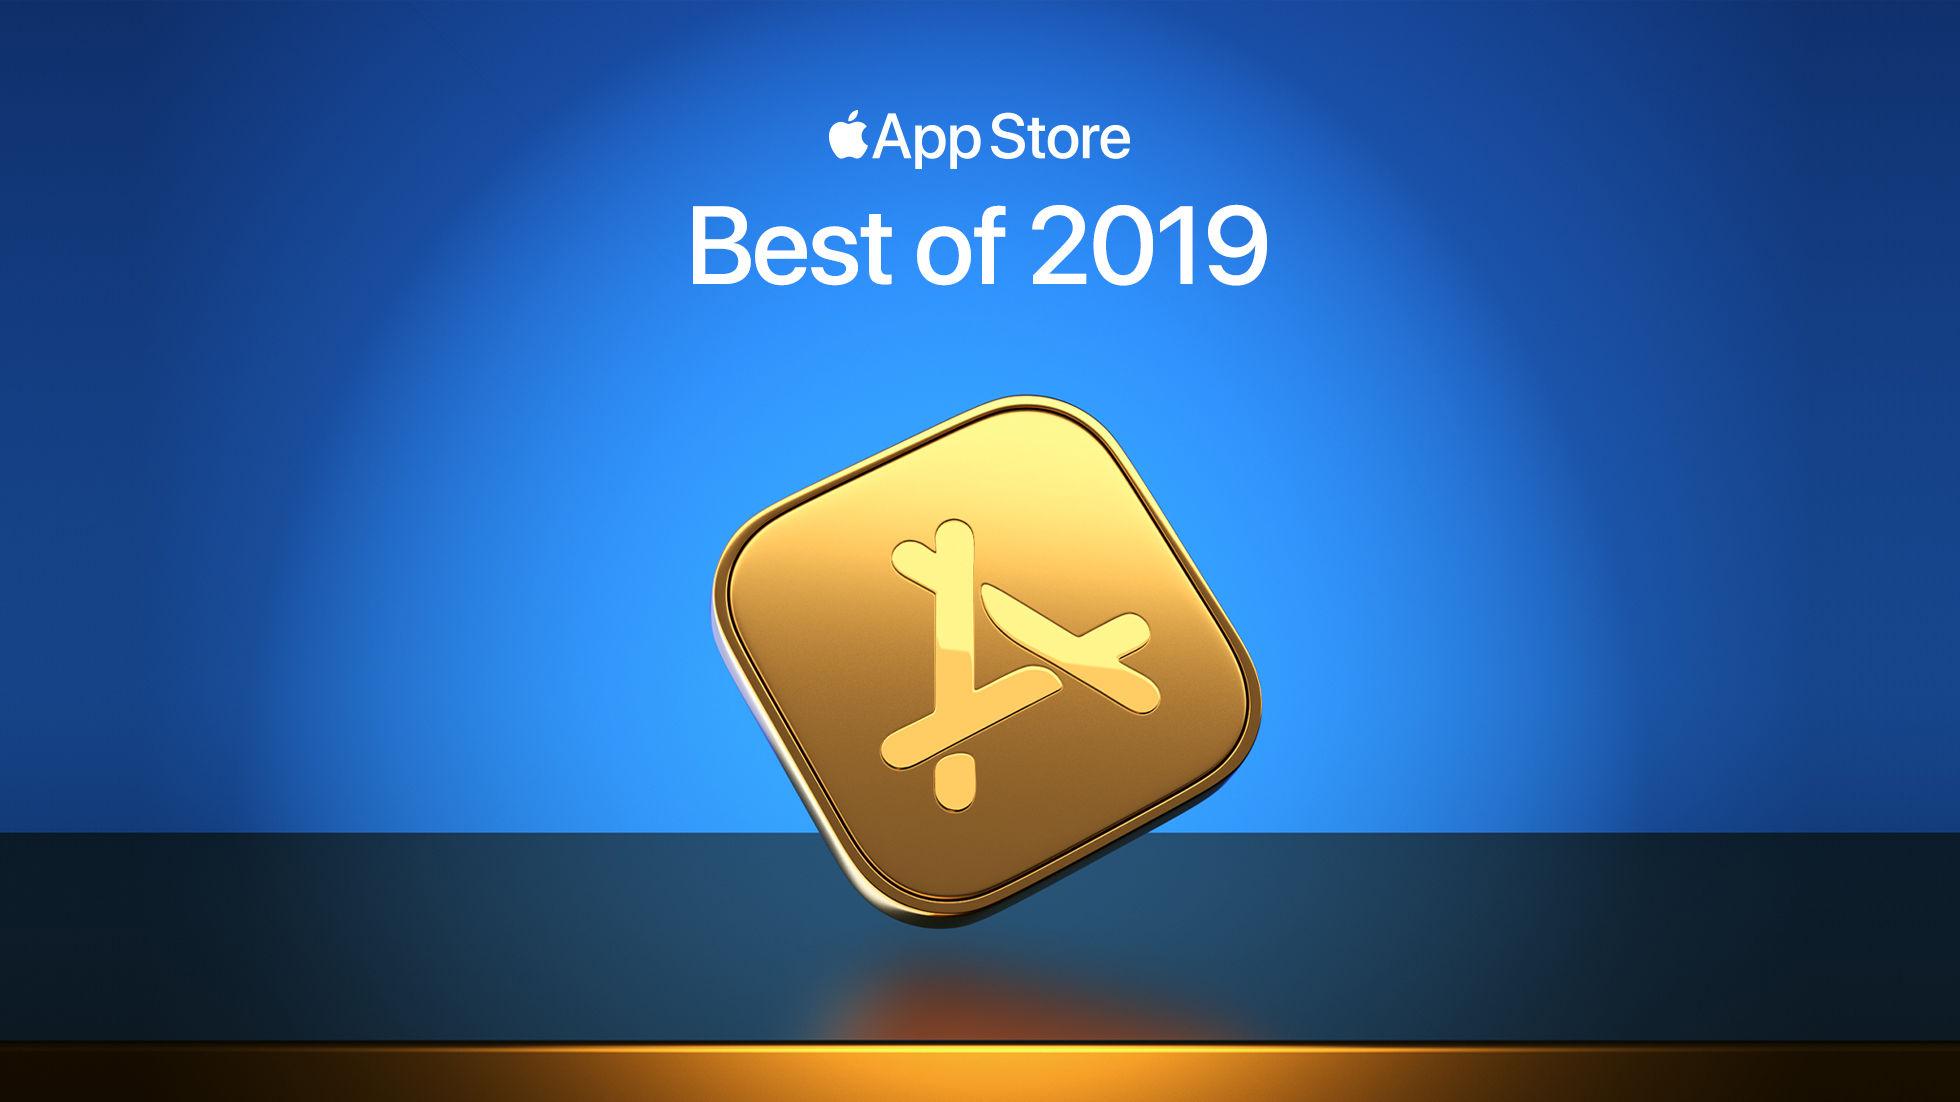 Apple vyhlásil nejlepší a nejpopulárnější aplikace roku 2019